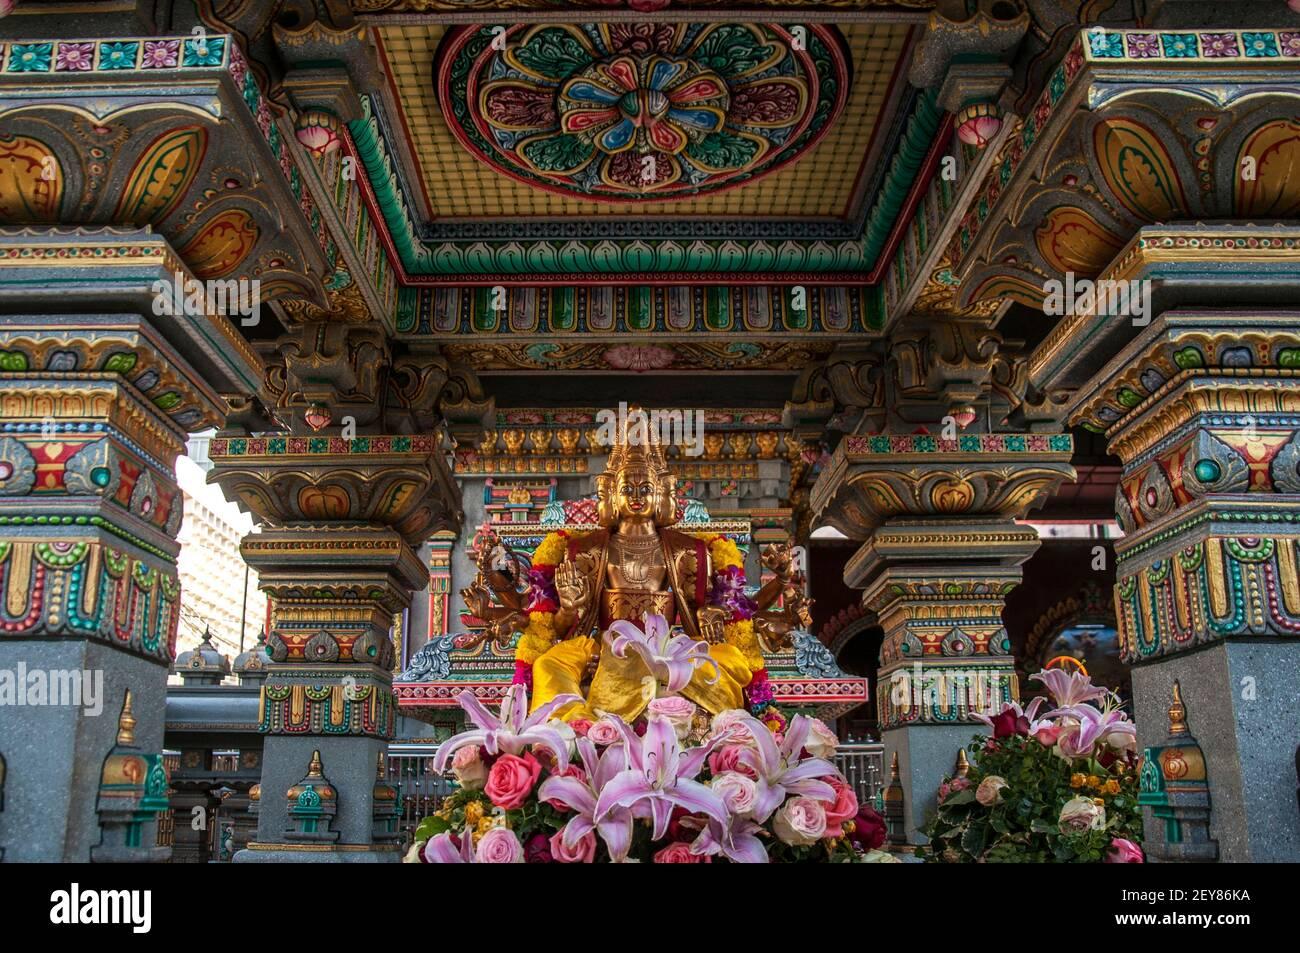 Sculpture de Lord brahma vue au temple.Construit en 1879 par Vaithi Padayatchi, un immigré hindou tamoul. Le Temple Sri Mahamariamman, également connu sous le nom de Temple Maha Uma Devi ou Wat Khaek, se trouve sur la route si LOM, dans le centre des affaires de Bangkok. Il est très coloré à l'extérieur avec des images sculptées de dieu et de déesse dans différentes formes et tailles. Banque D'Images